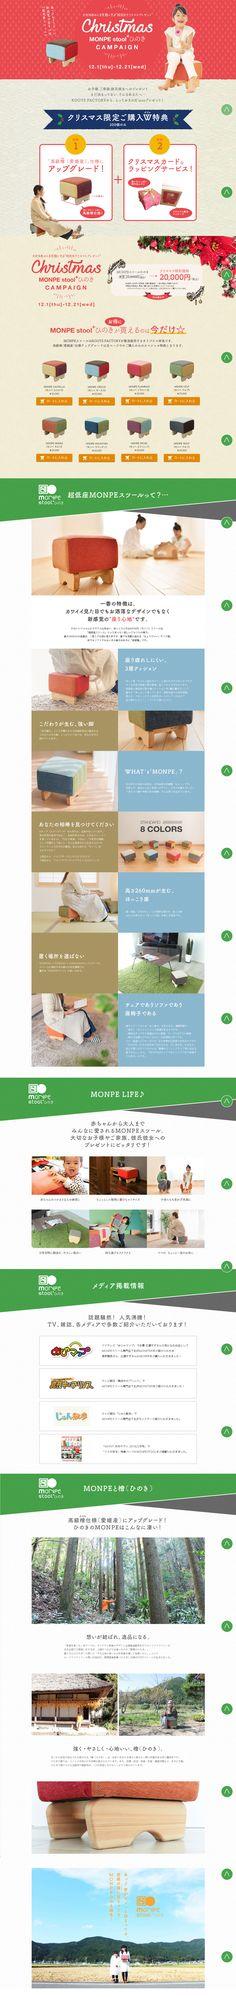 MONPE(モンペ)スツールひのき【インテリア関連】のLPデザイン。WEBデザイナーさん必見!ランディングページのデザイン参考に(かわいい系)